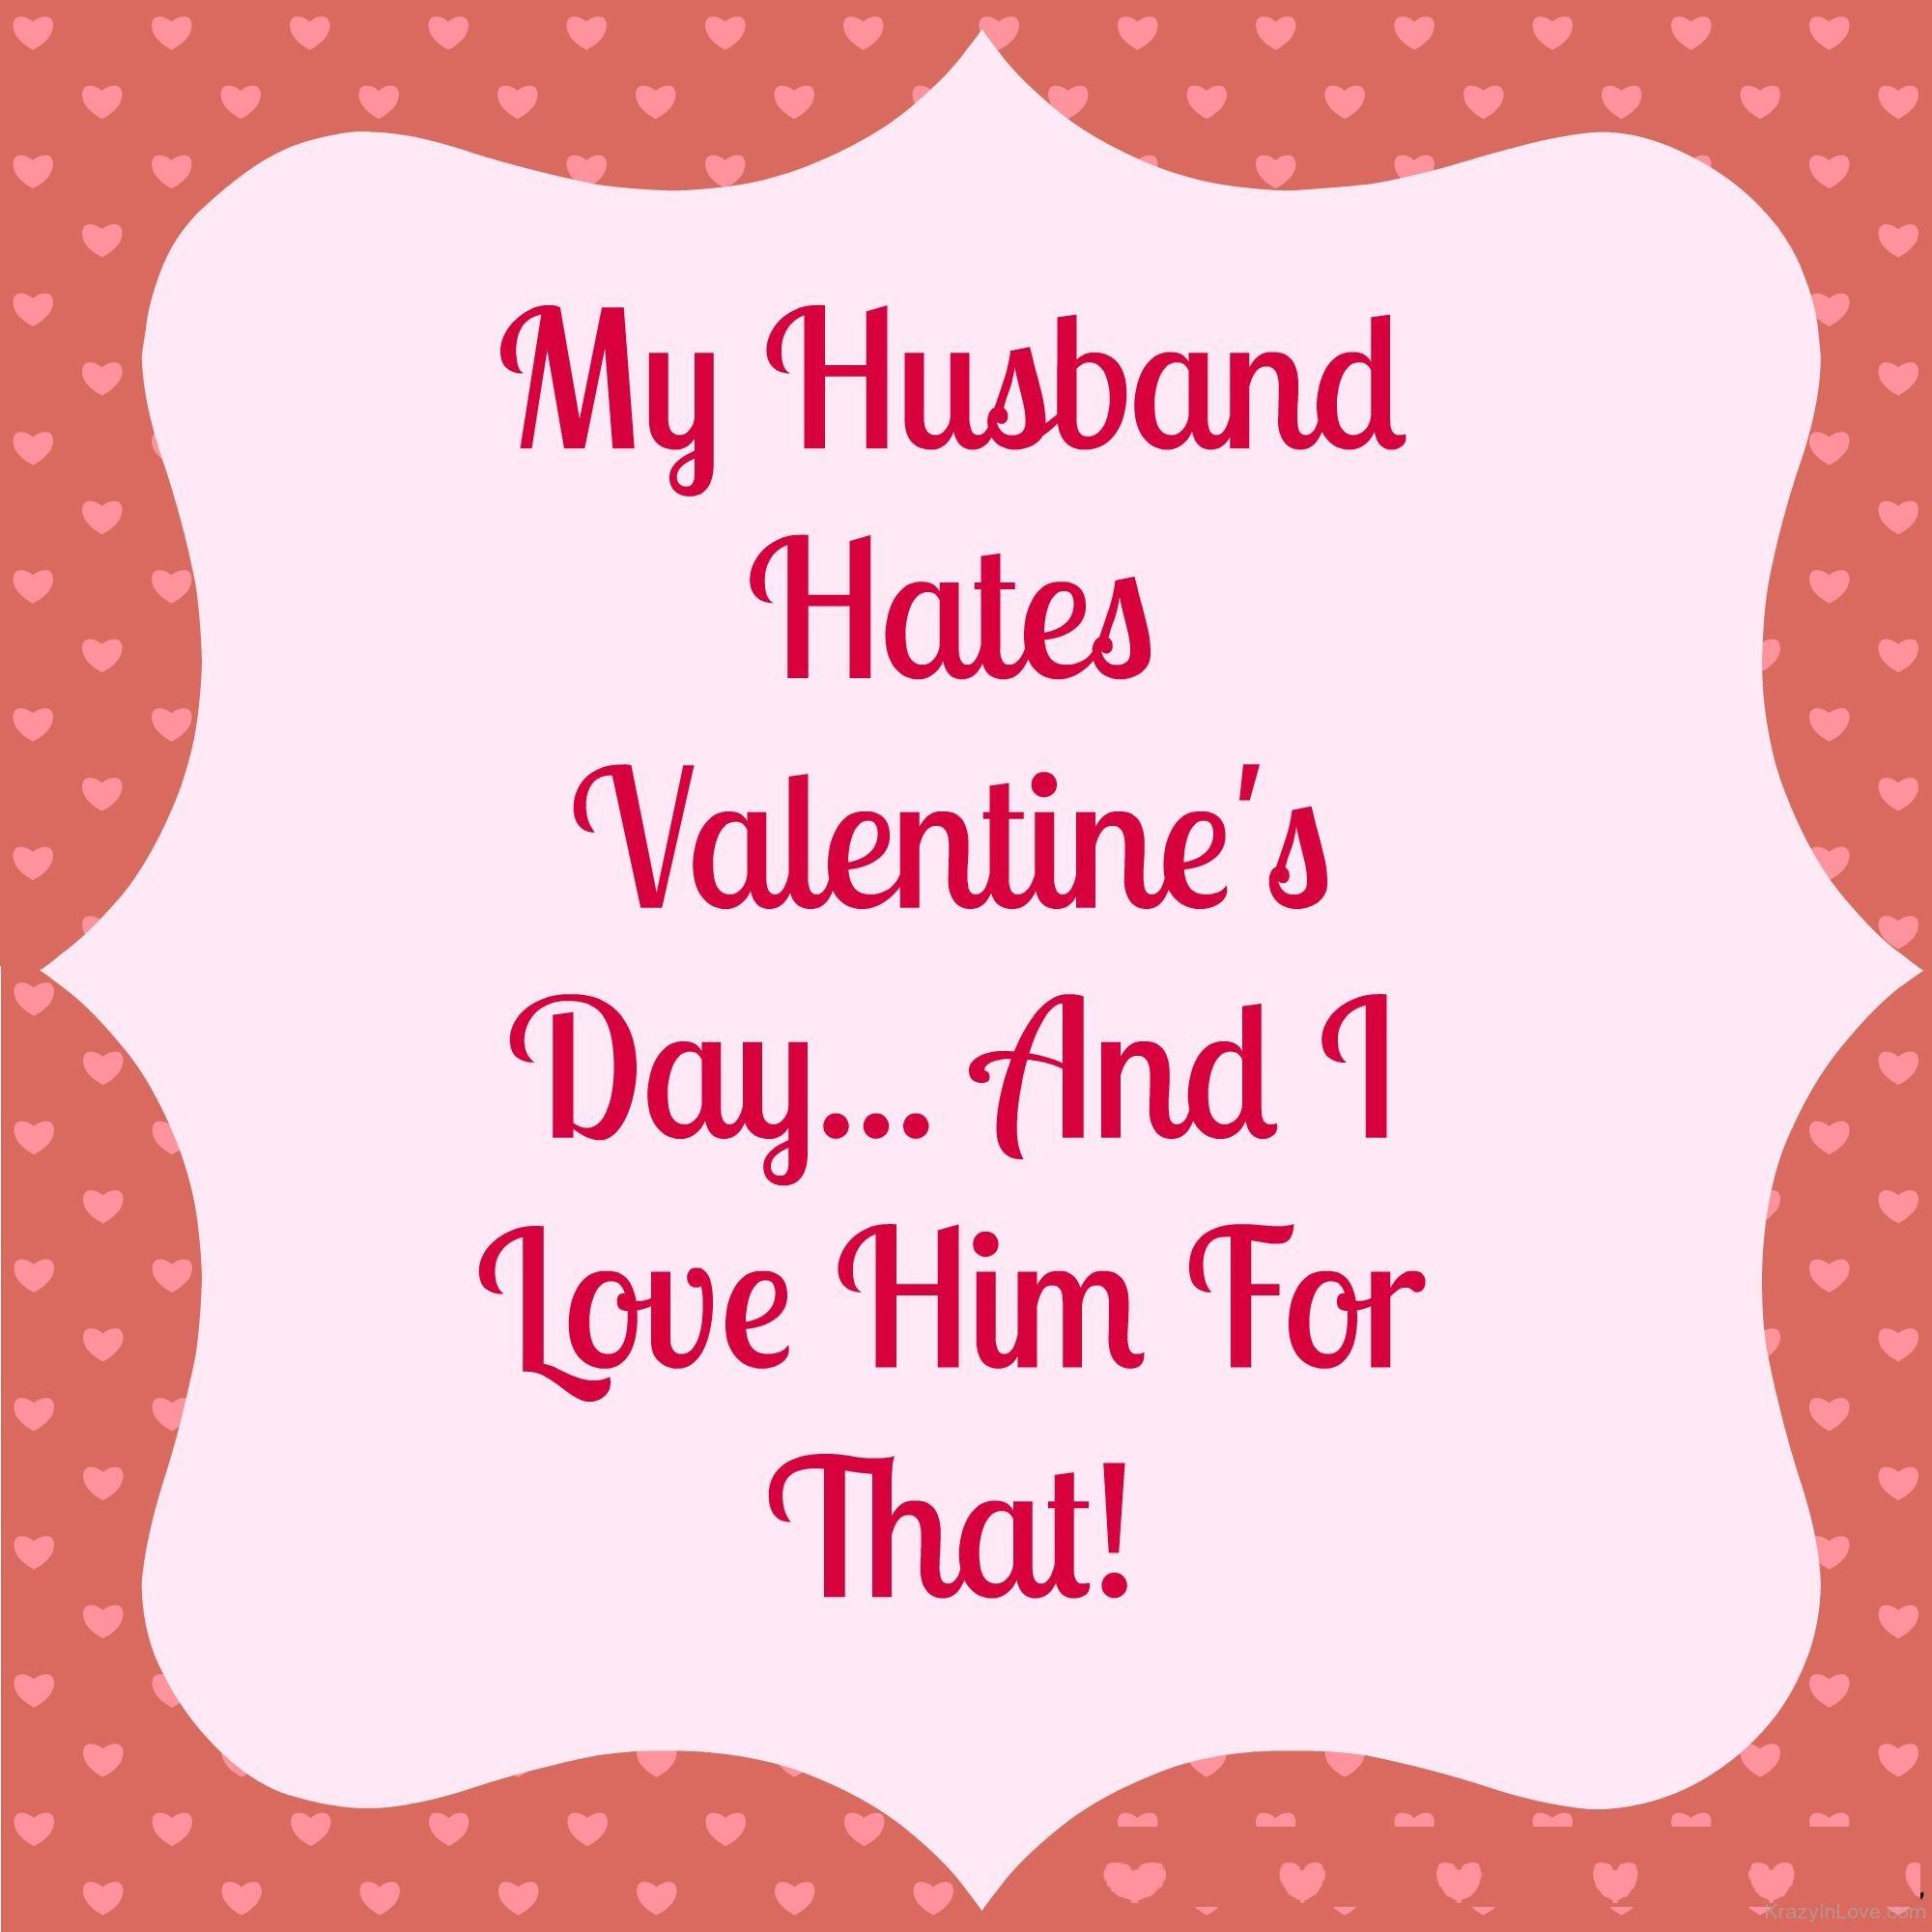 My Husband Hates Valentines Day عبارات عيد الحب للزوج 2016 عبارات للزوج في عيد الحب